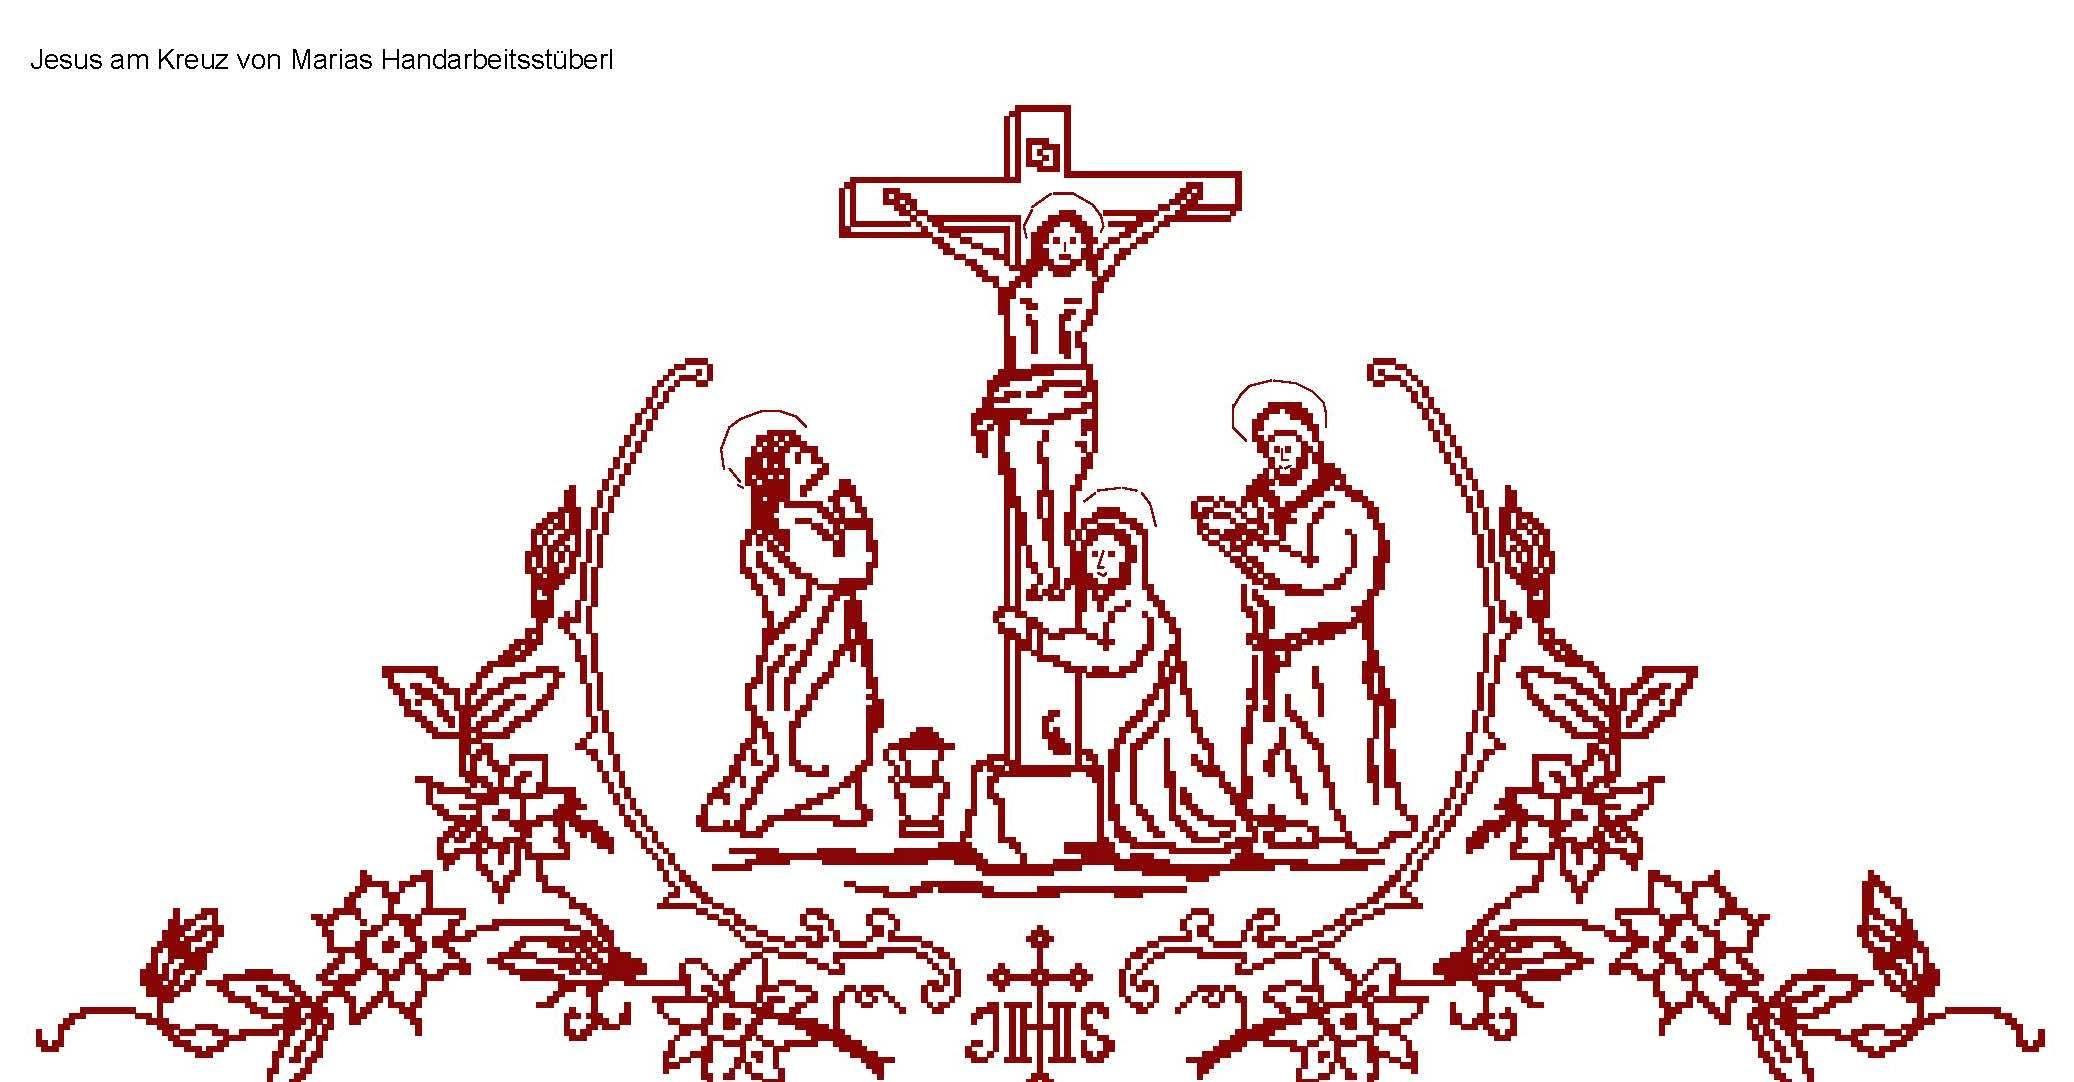 Altartuch - Jesus am Kreuz